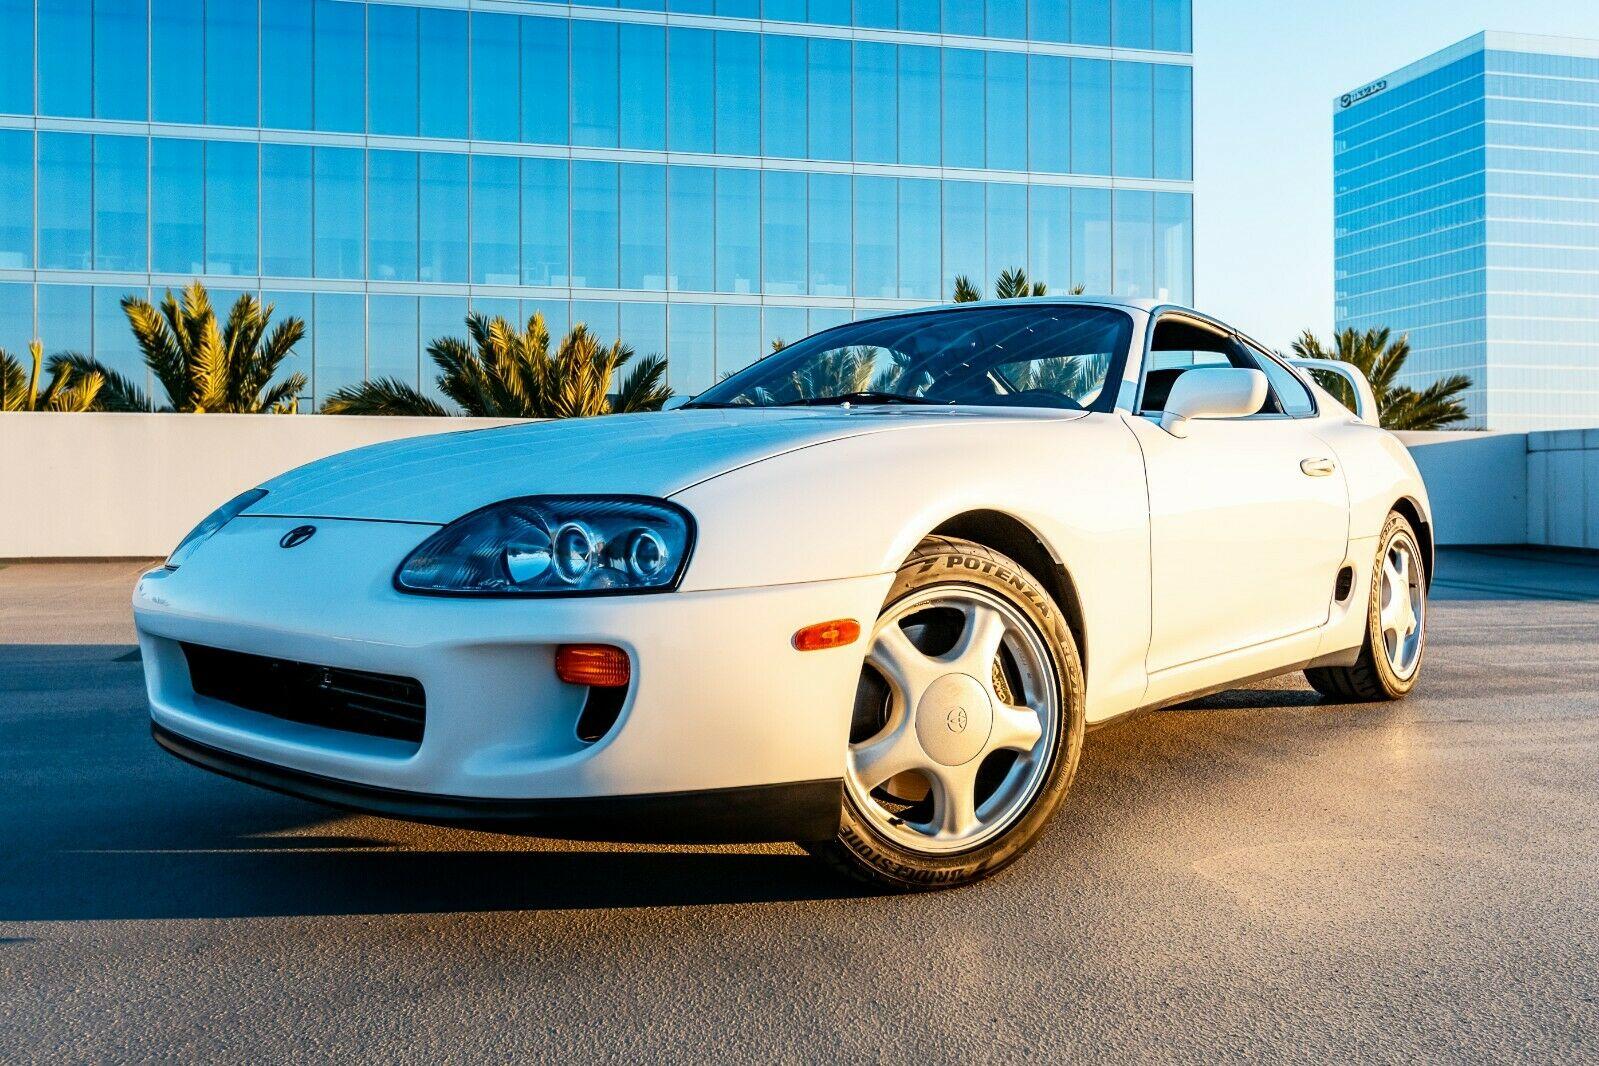 White-Toyota-Supra-1994-for-sale-9